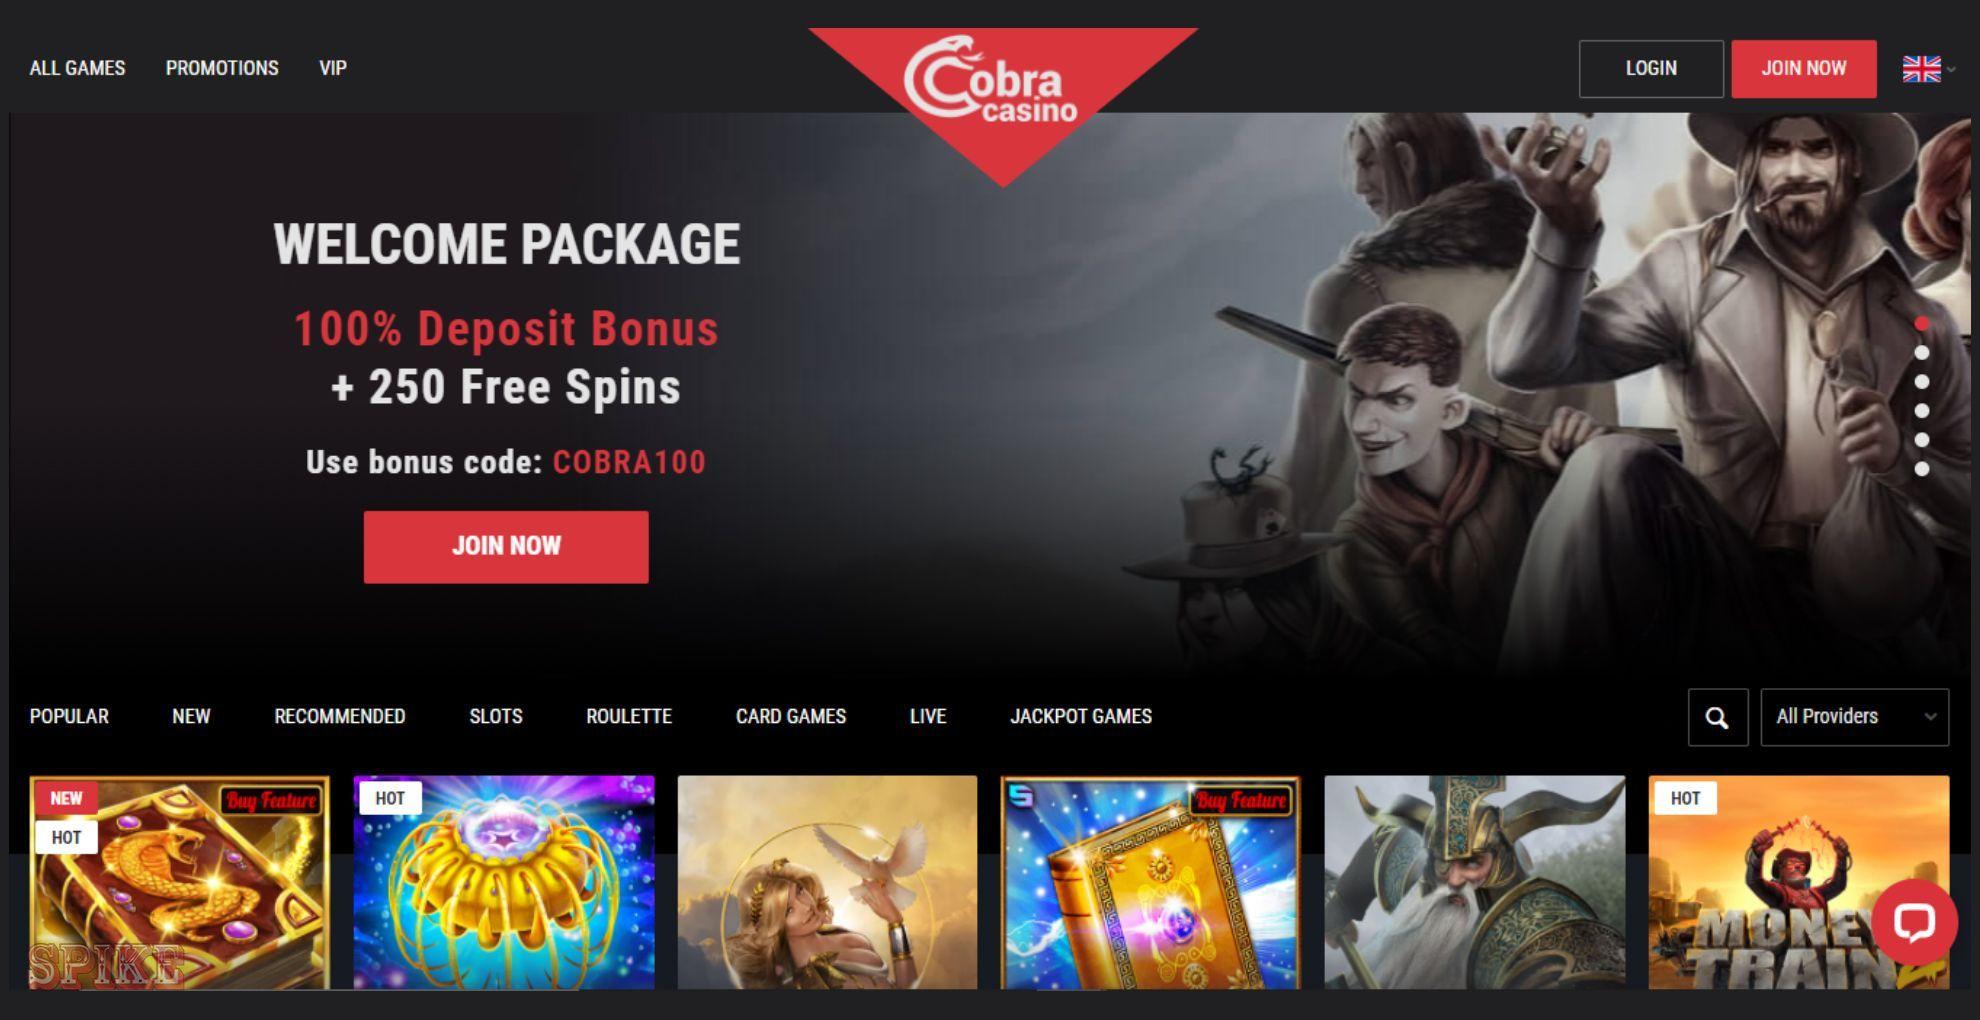 Cobra Casino Homepage Screen